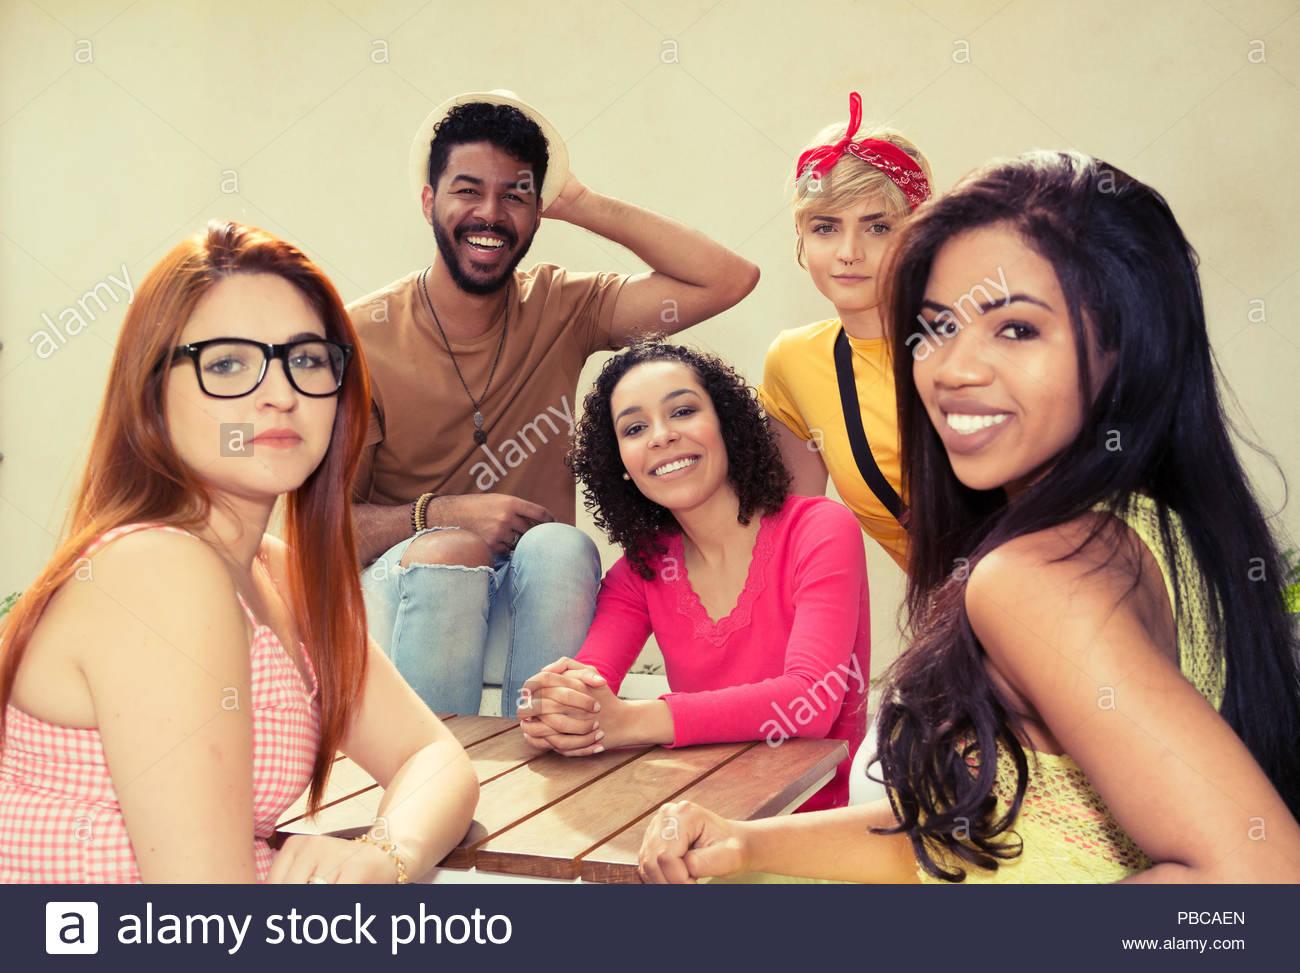 Portrait de jeunes adultes ayant un grand temps à cafe bar piscine. Les étudiants multiculturels à collage extérieur restaurant. L'été, chaud, amitié, dive Photo Stock